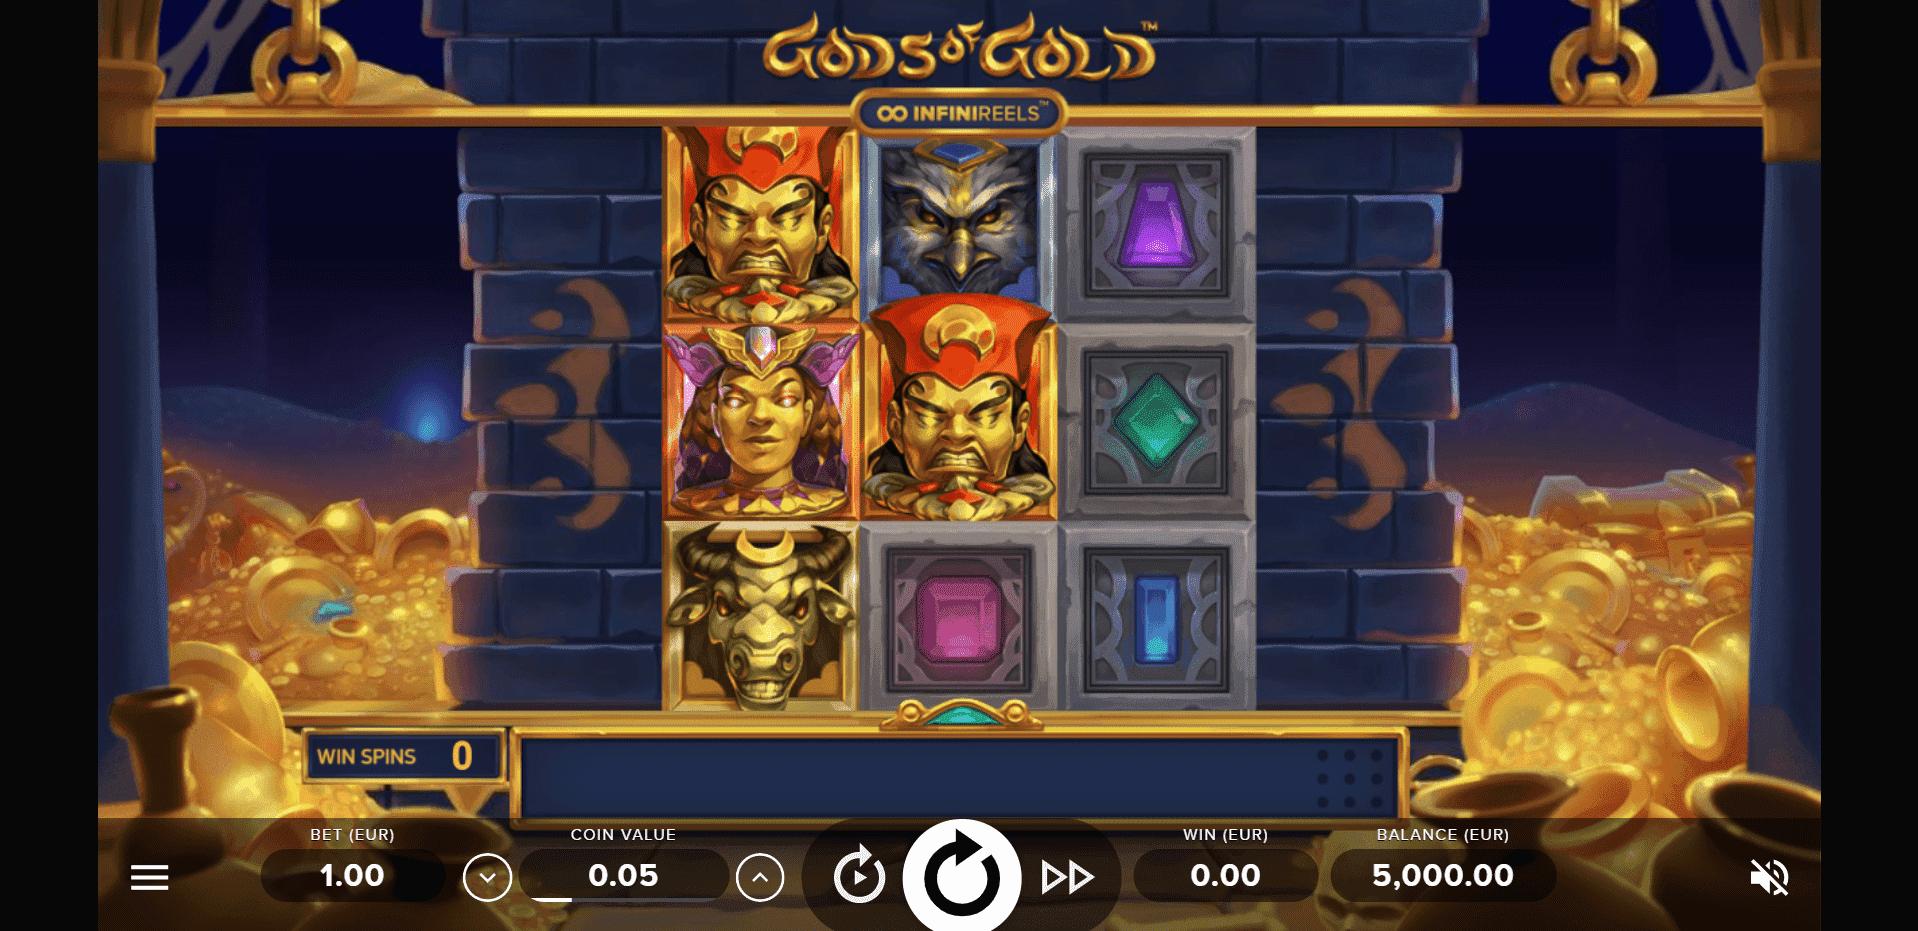 Gods of Gold Infinireels slot machine screenshot